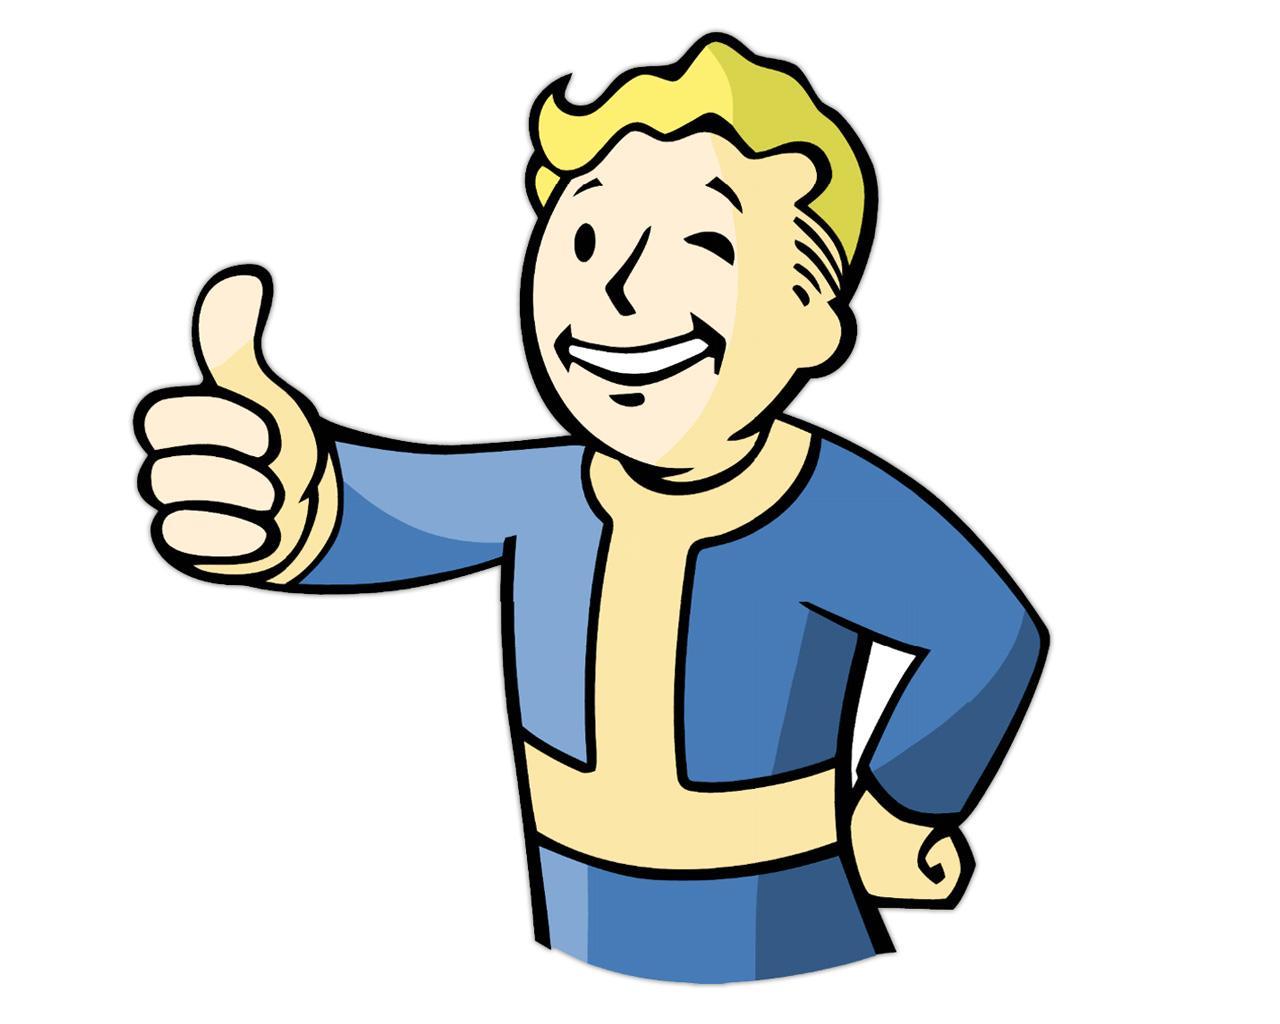 Один из разработчиков Fallout намекнул на новую часть